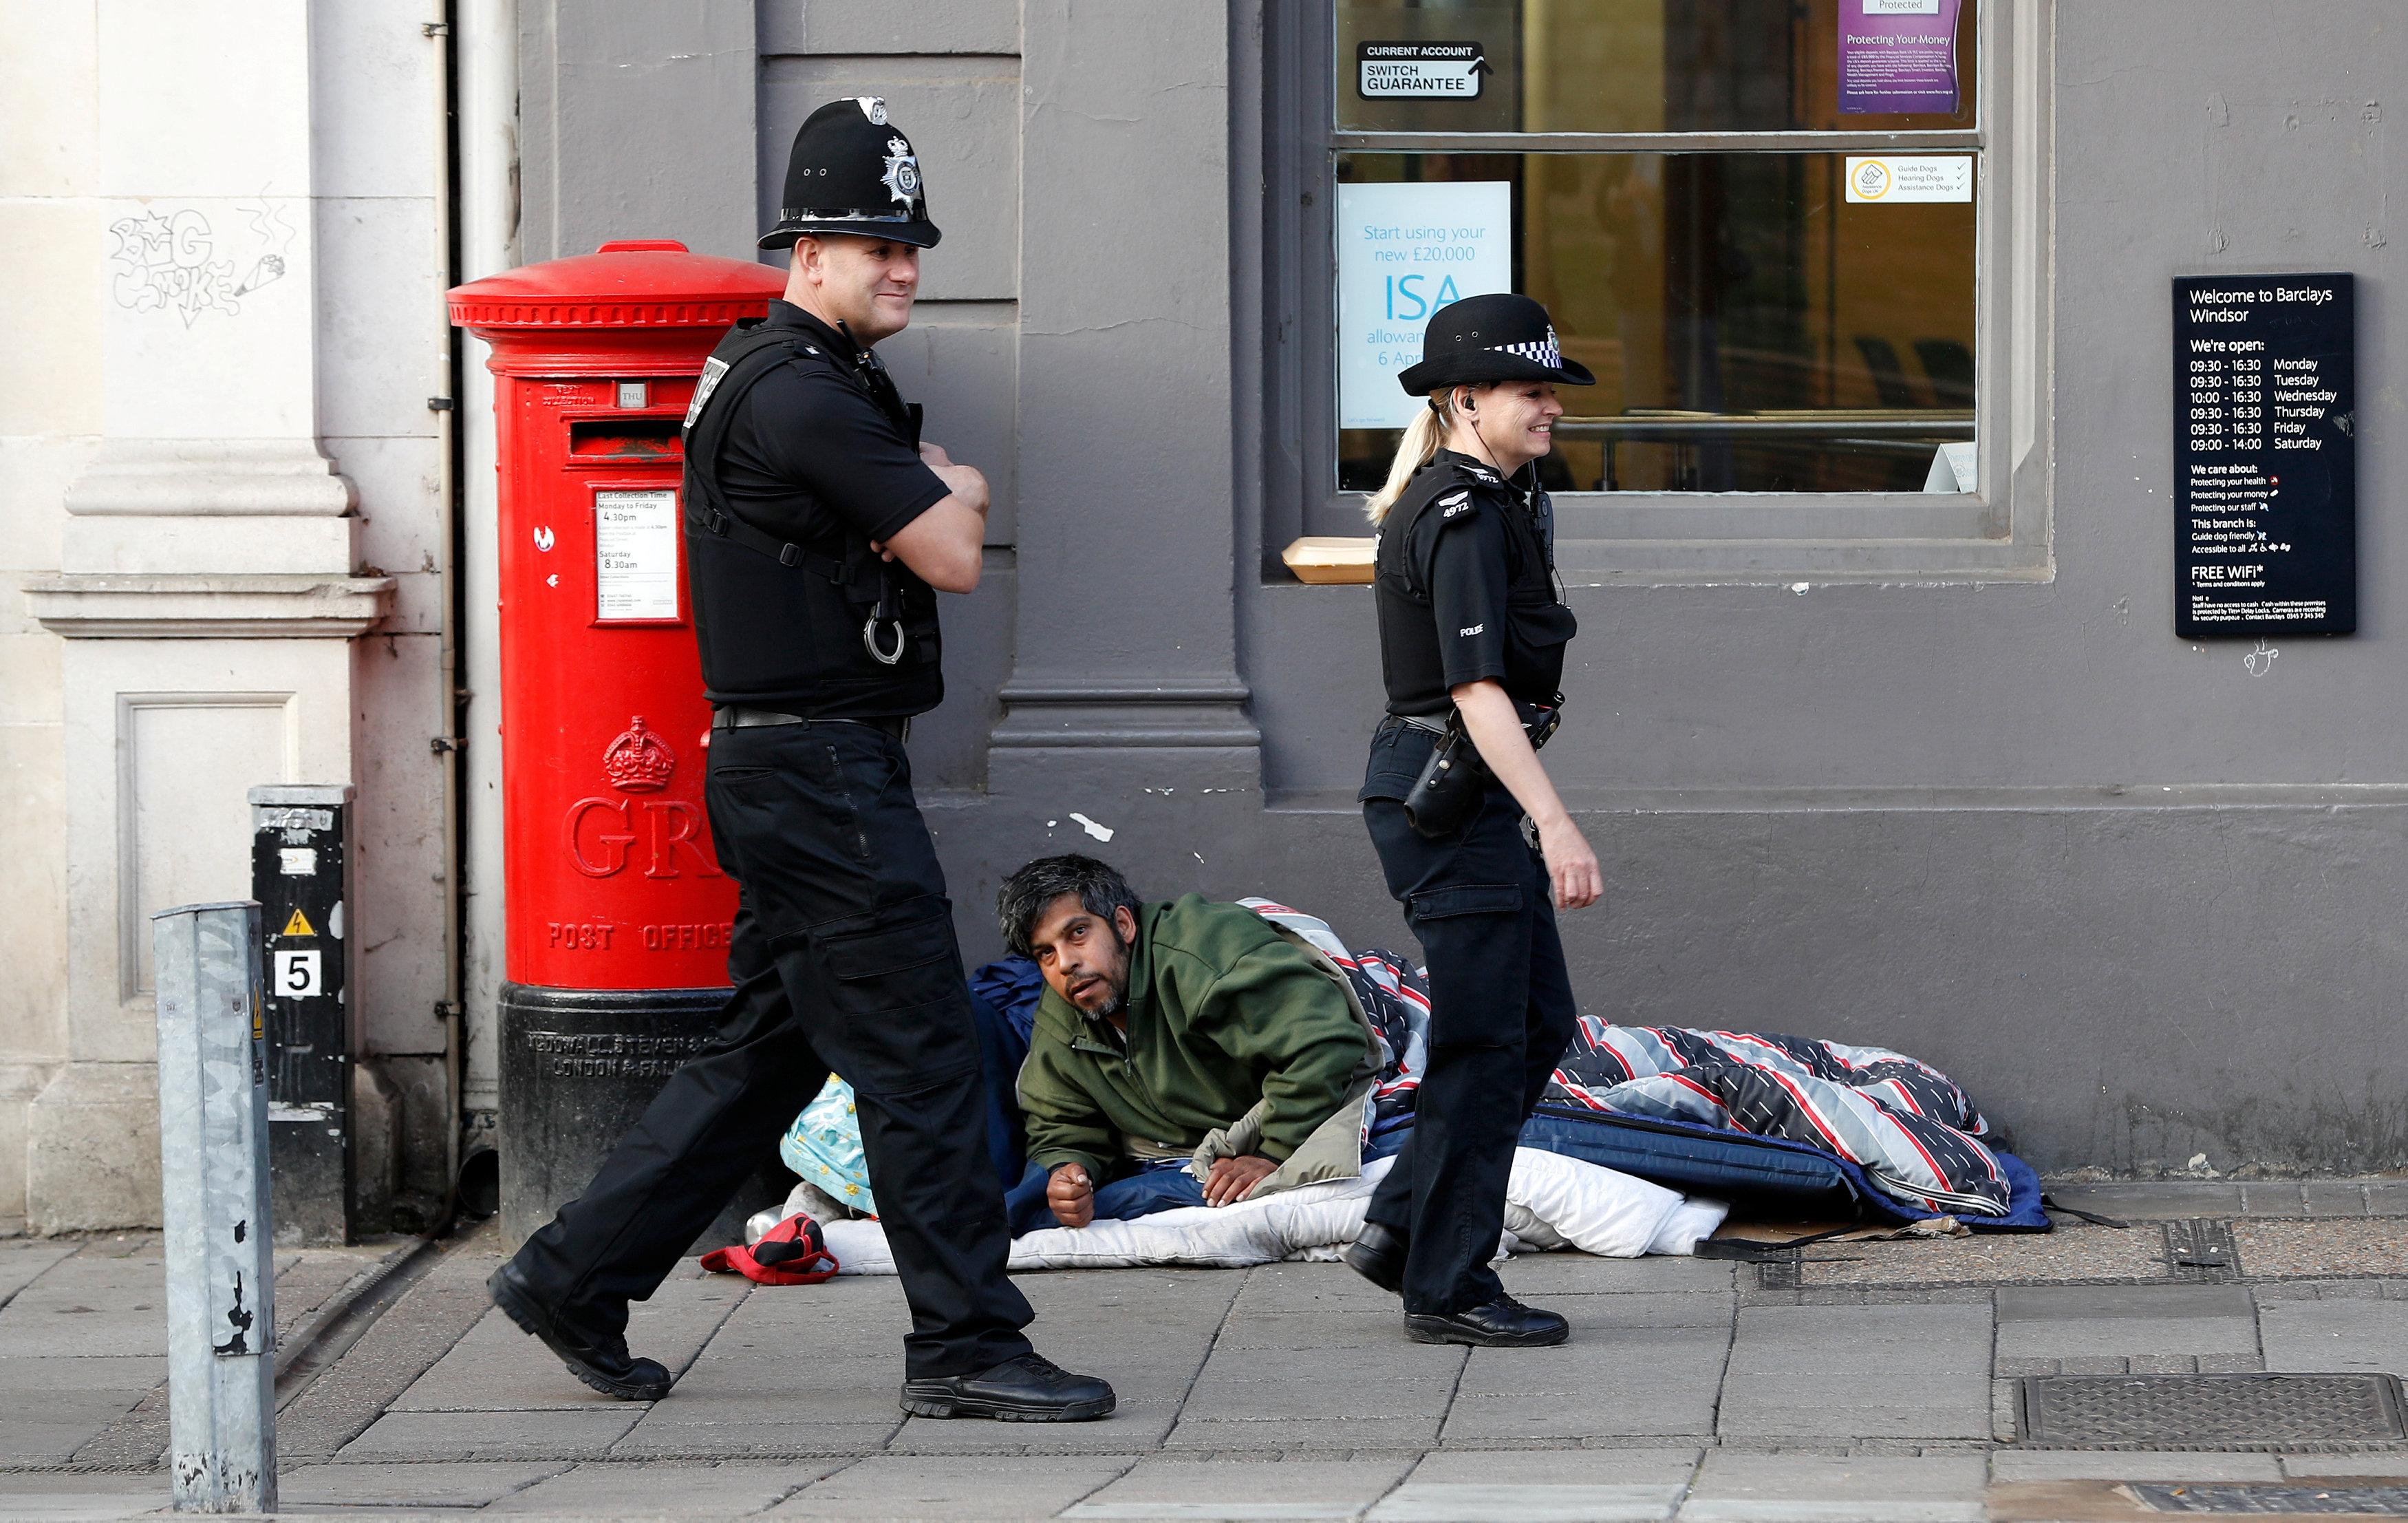 الشرطة البريطانية تمر بجوار أحد المشردين